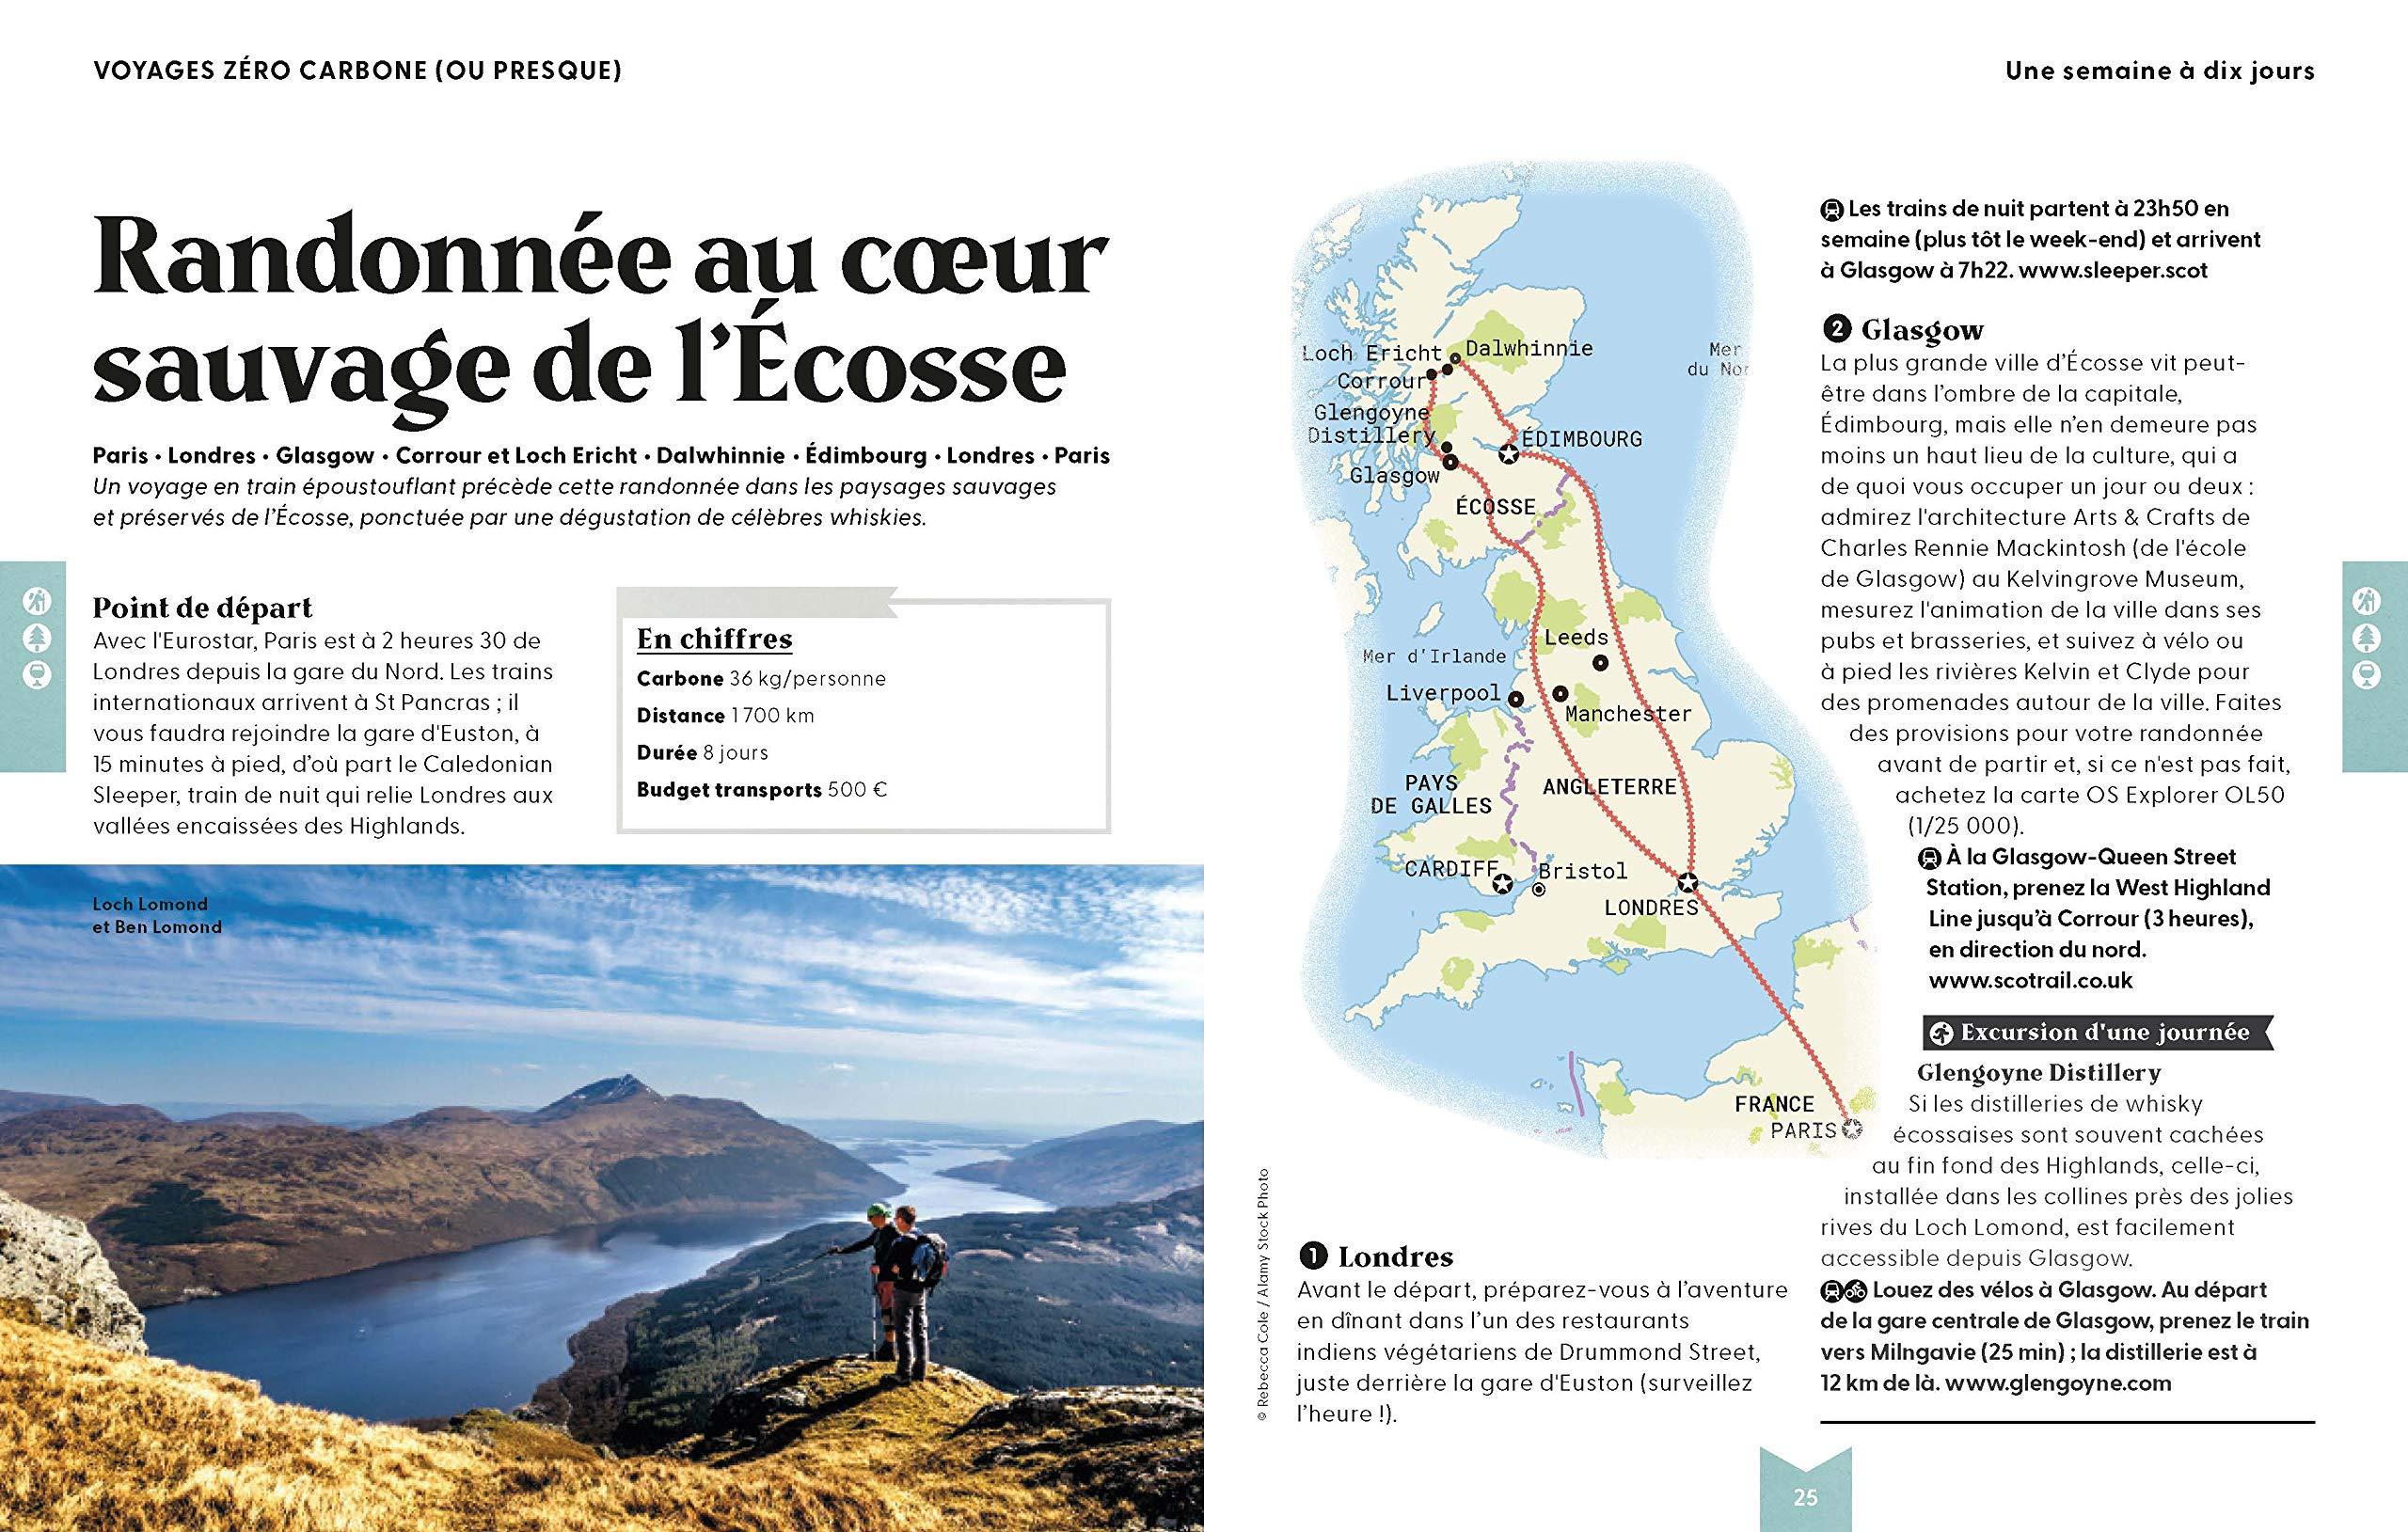 91KgnB02w1L - Les globe blogueurs - blog voyage nature